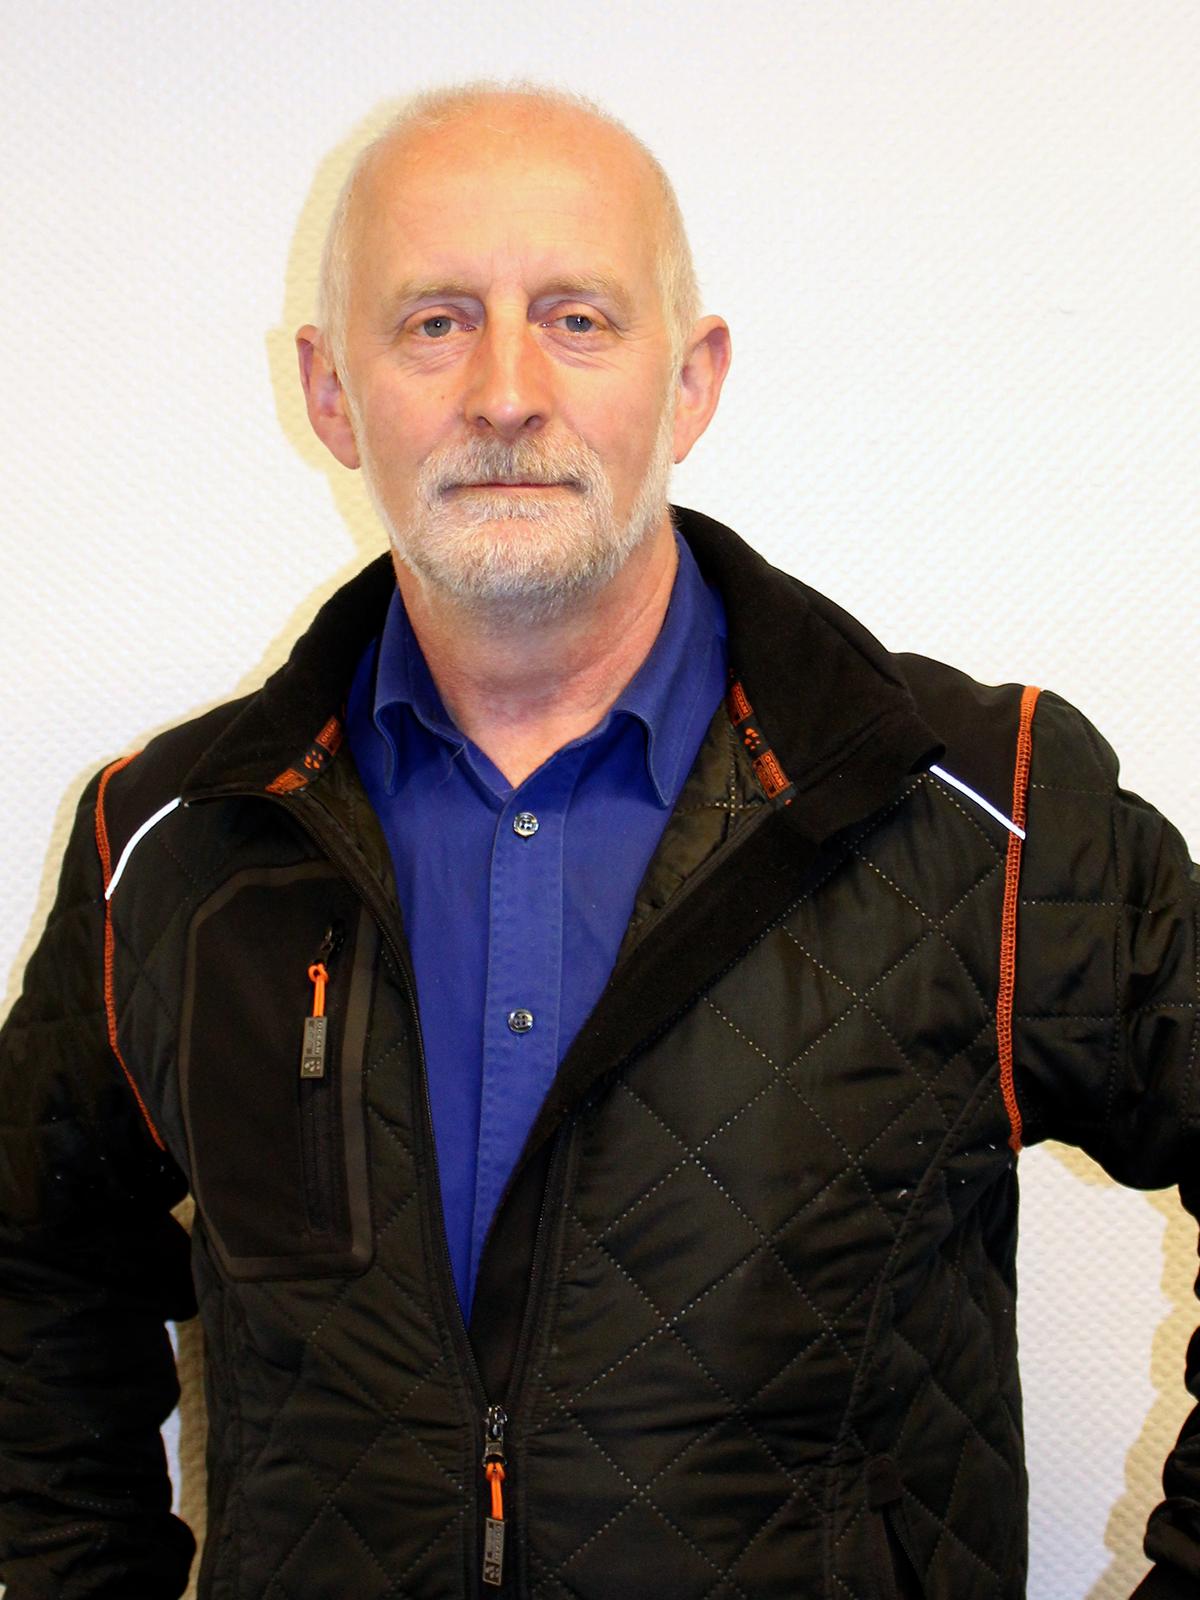 Filip Mariegaard